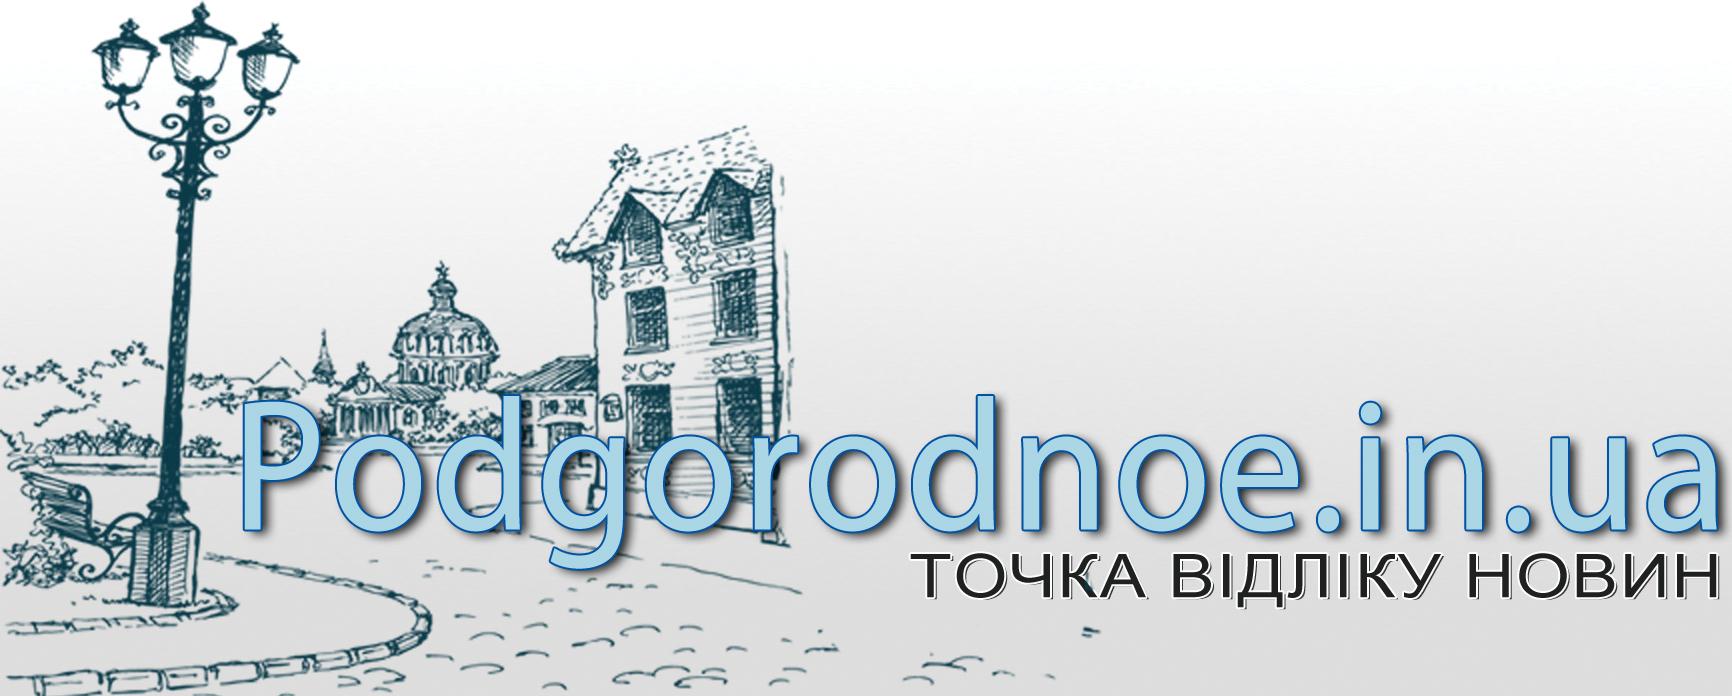 podgorodnoe_new_logo_rgb